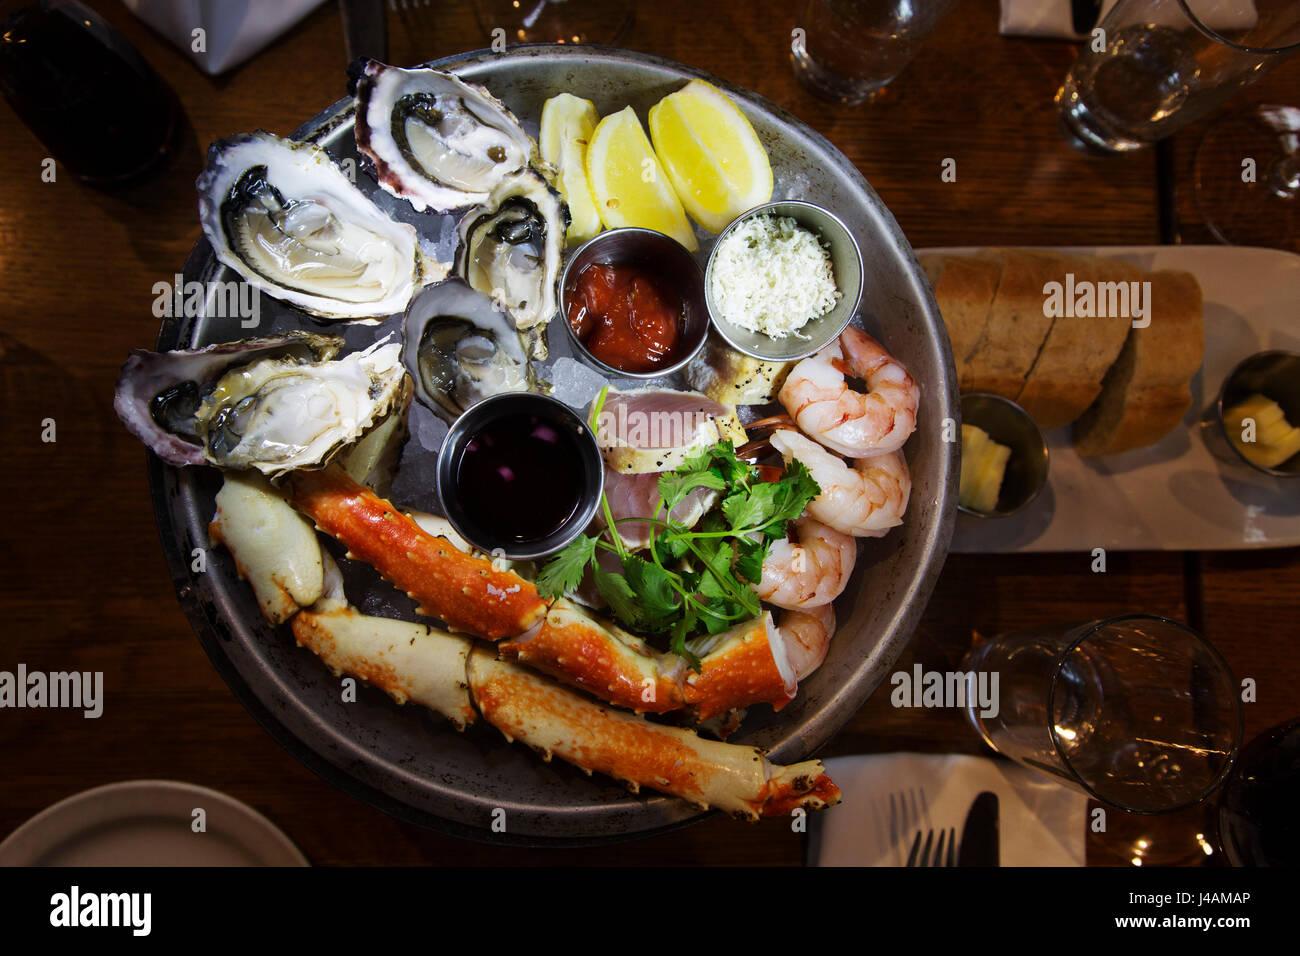 Un plateau de fruits de mer de produits locaux servis dans la région de Vancouver, Canada. La nourriture est Photo Stock